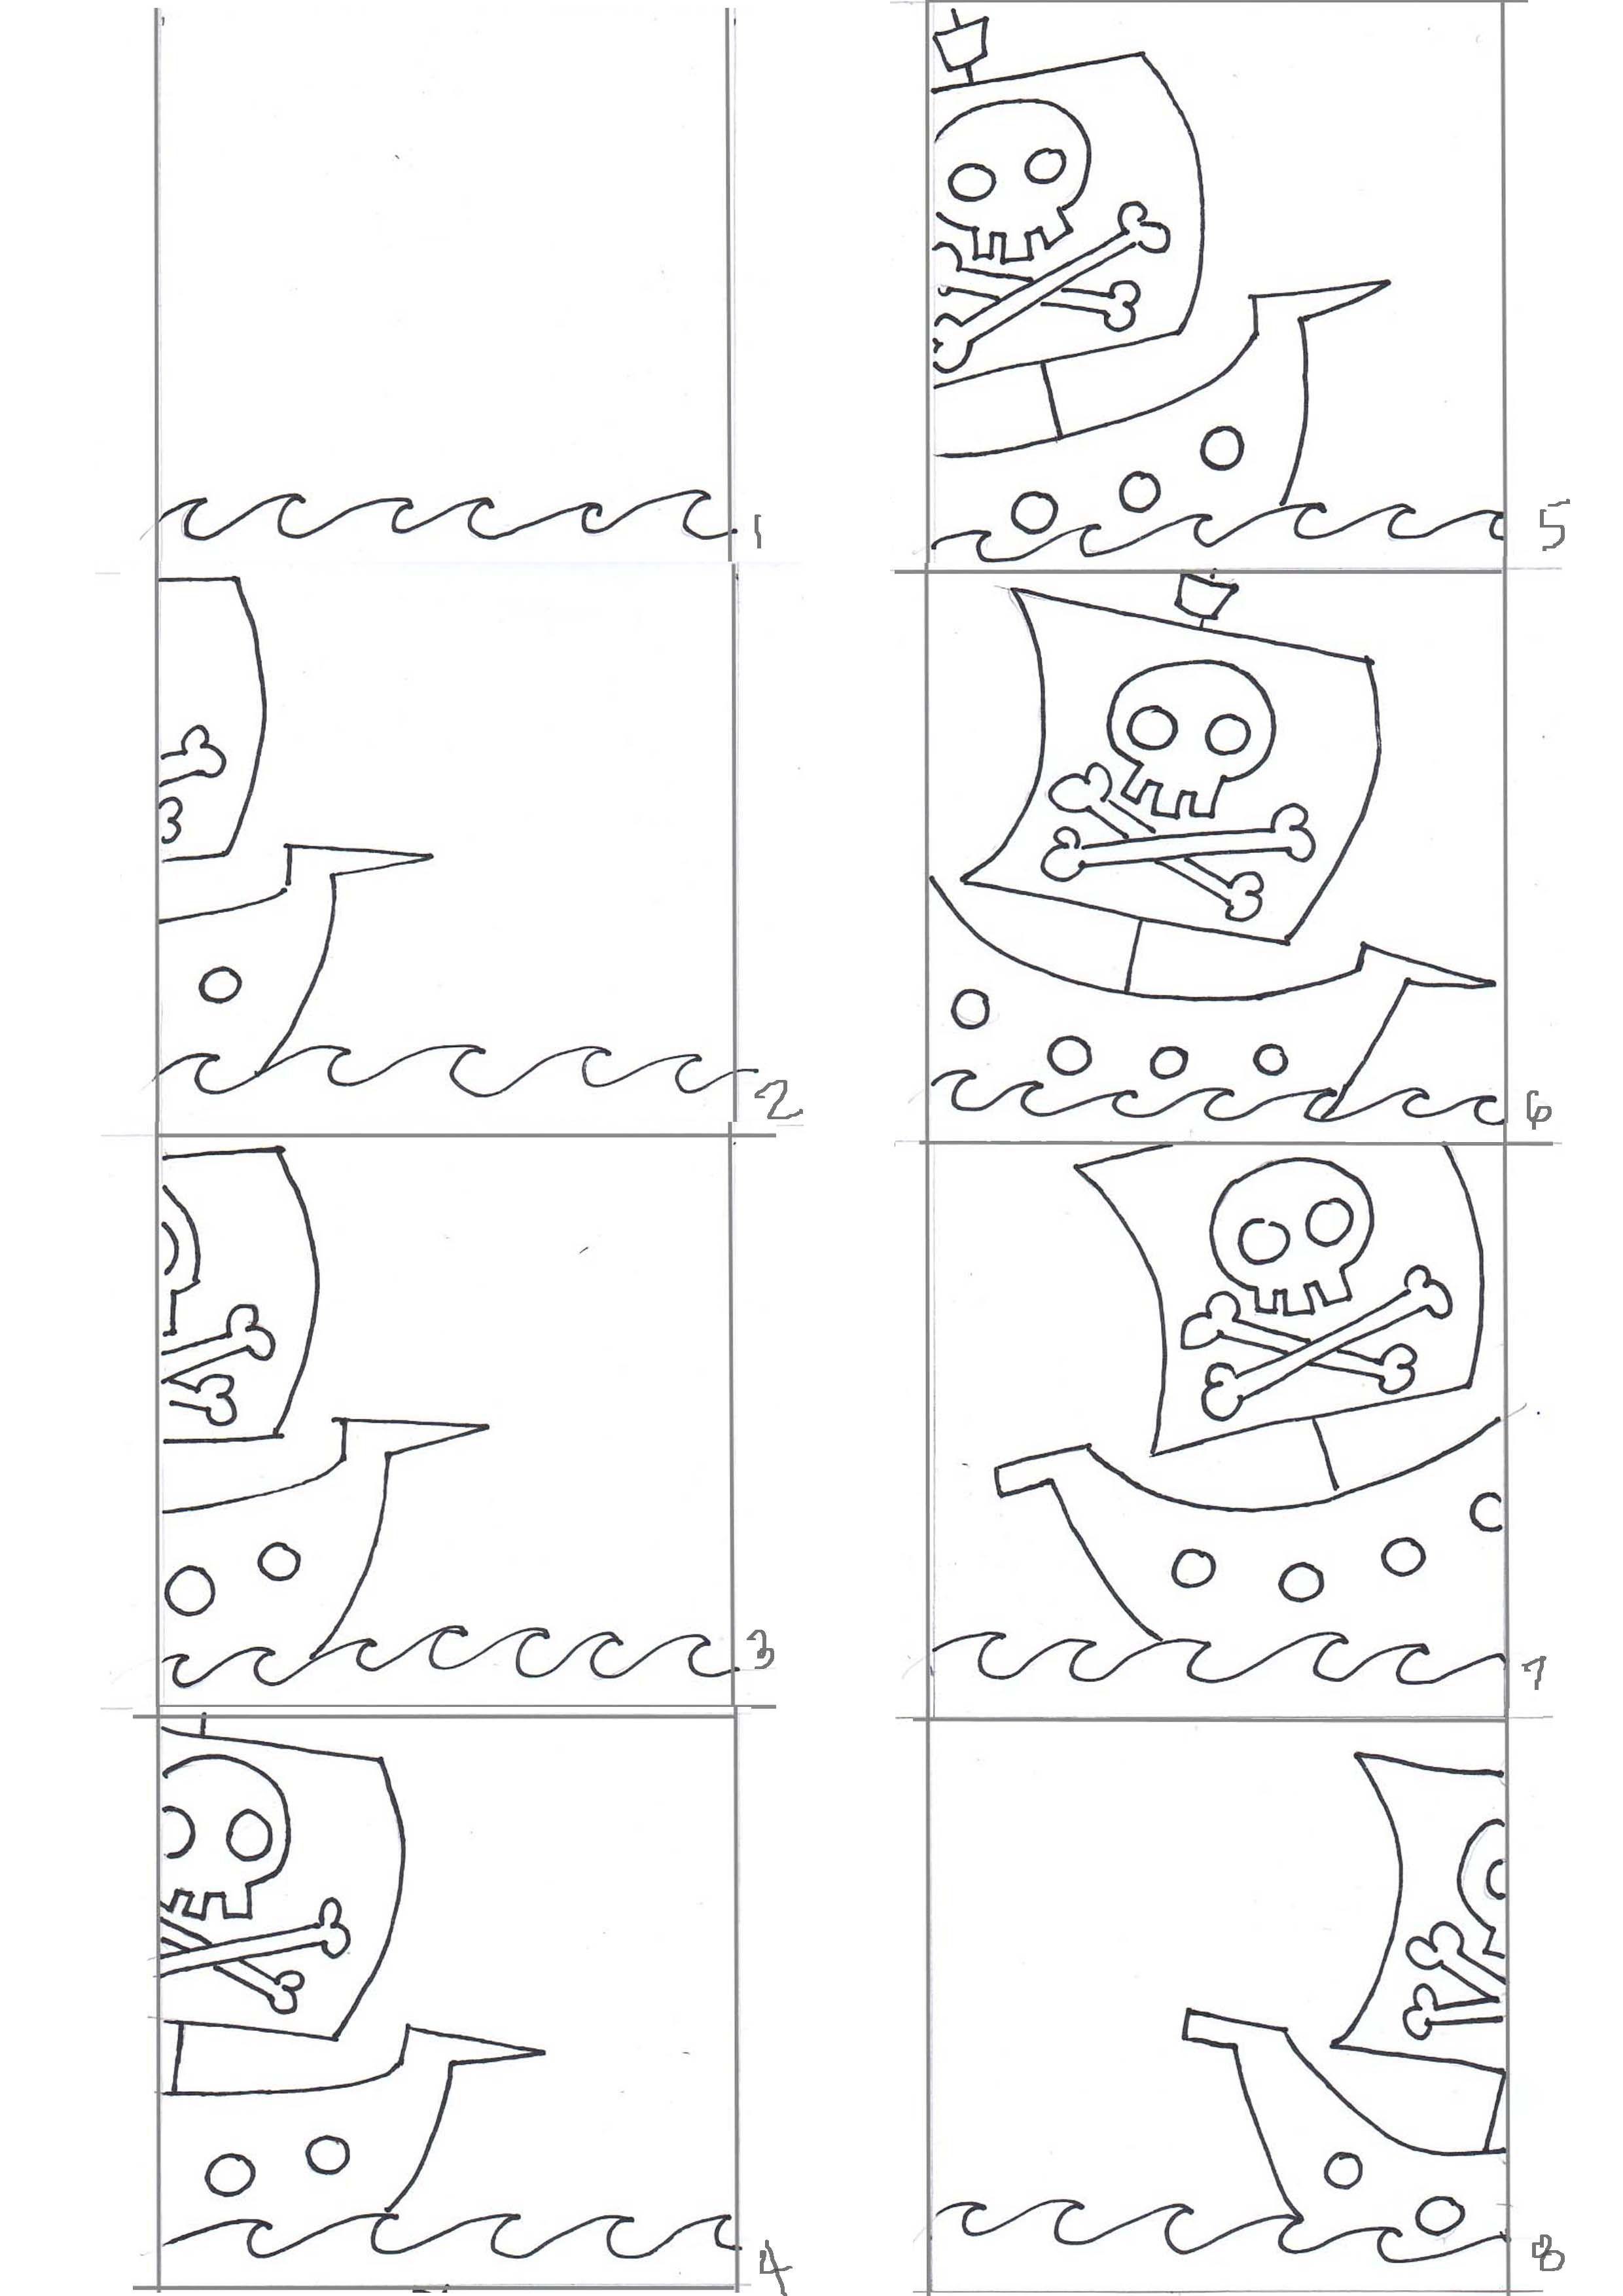 2480x3508 Animation (Flip Book) Workshop Flip Books, Flipping